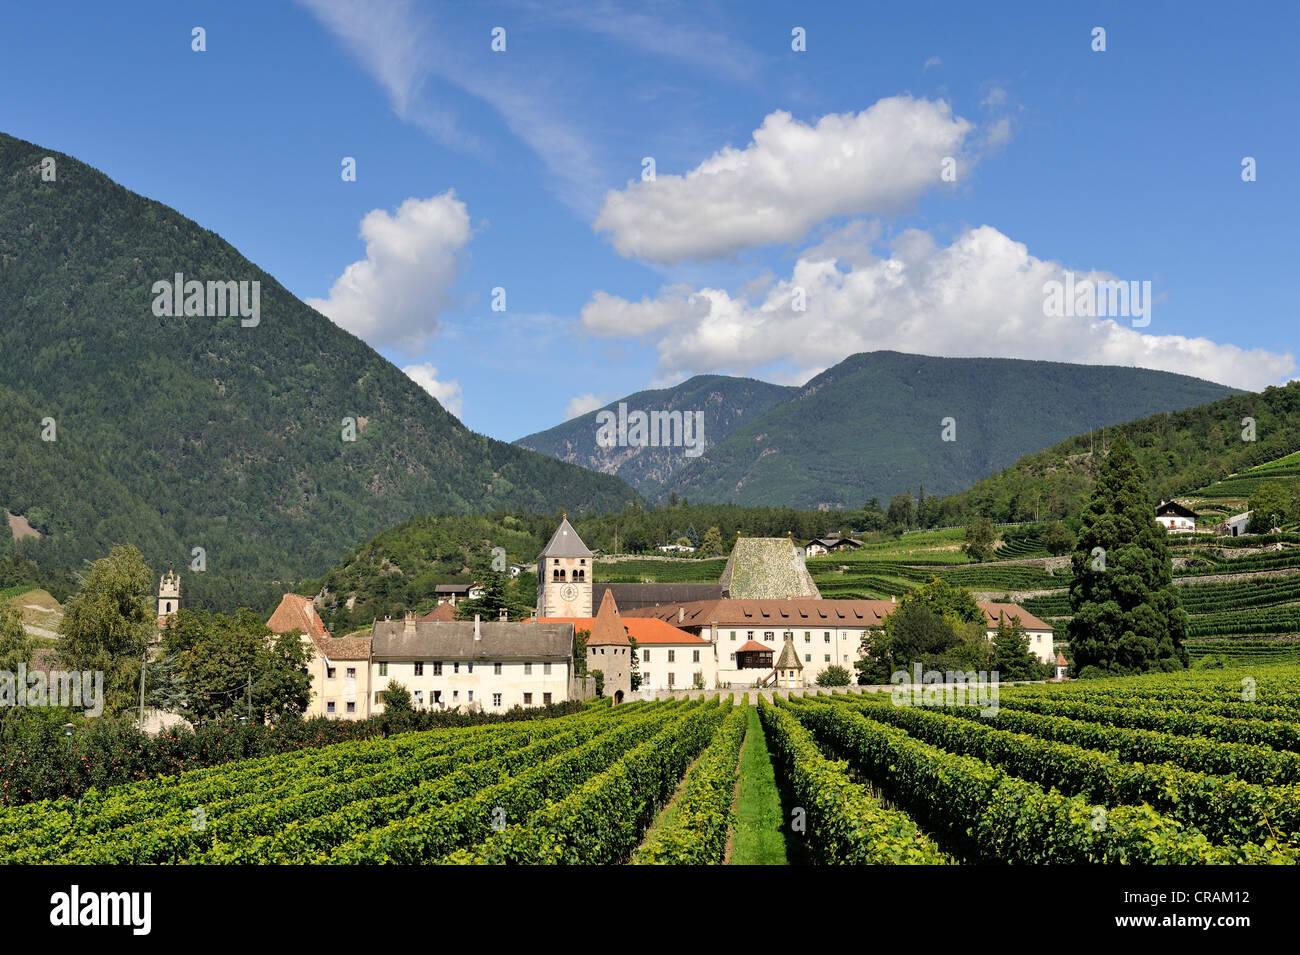 Neustift Abbey, near Bressanone, Alto Adige, Bolzano Province, Italy, Europe - Stock Image